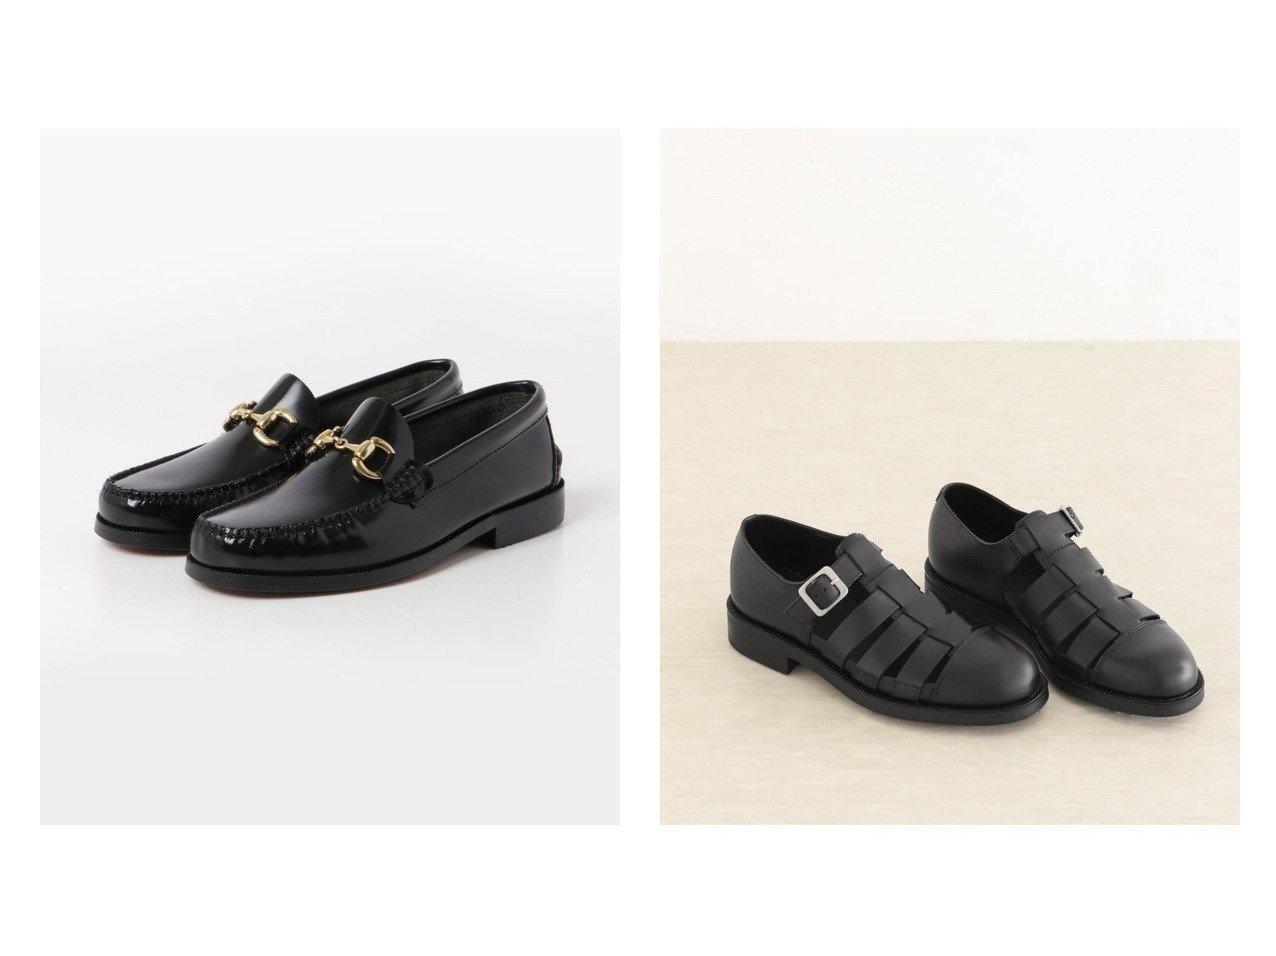 【URBAN RESEARCH DOORS/アーバンリサーチ ドアーズ】のKLEMAN DIMOR&ARTESANOS バックルローファー シューズ・靴のおすすめ!人気、トレンド・レディースファッションの通販 おすすめで人気の流行・トレンド、ファッションの通販商品 メンズファッション・キッズファッション・インテリア・家具・レディースファッション・服の通販 founy(ファニー) https://founy.com/ ファッション Fashion レディースファッション WOMEN バッグ Bag シューズ クッション サンダル 定番 フランス ミュール ロング ワーク NEW・新作・新着・新入荷 New Arrivals |ID:crp329100000009796